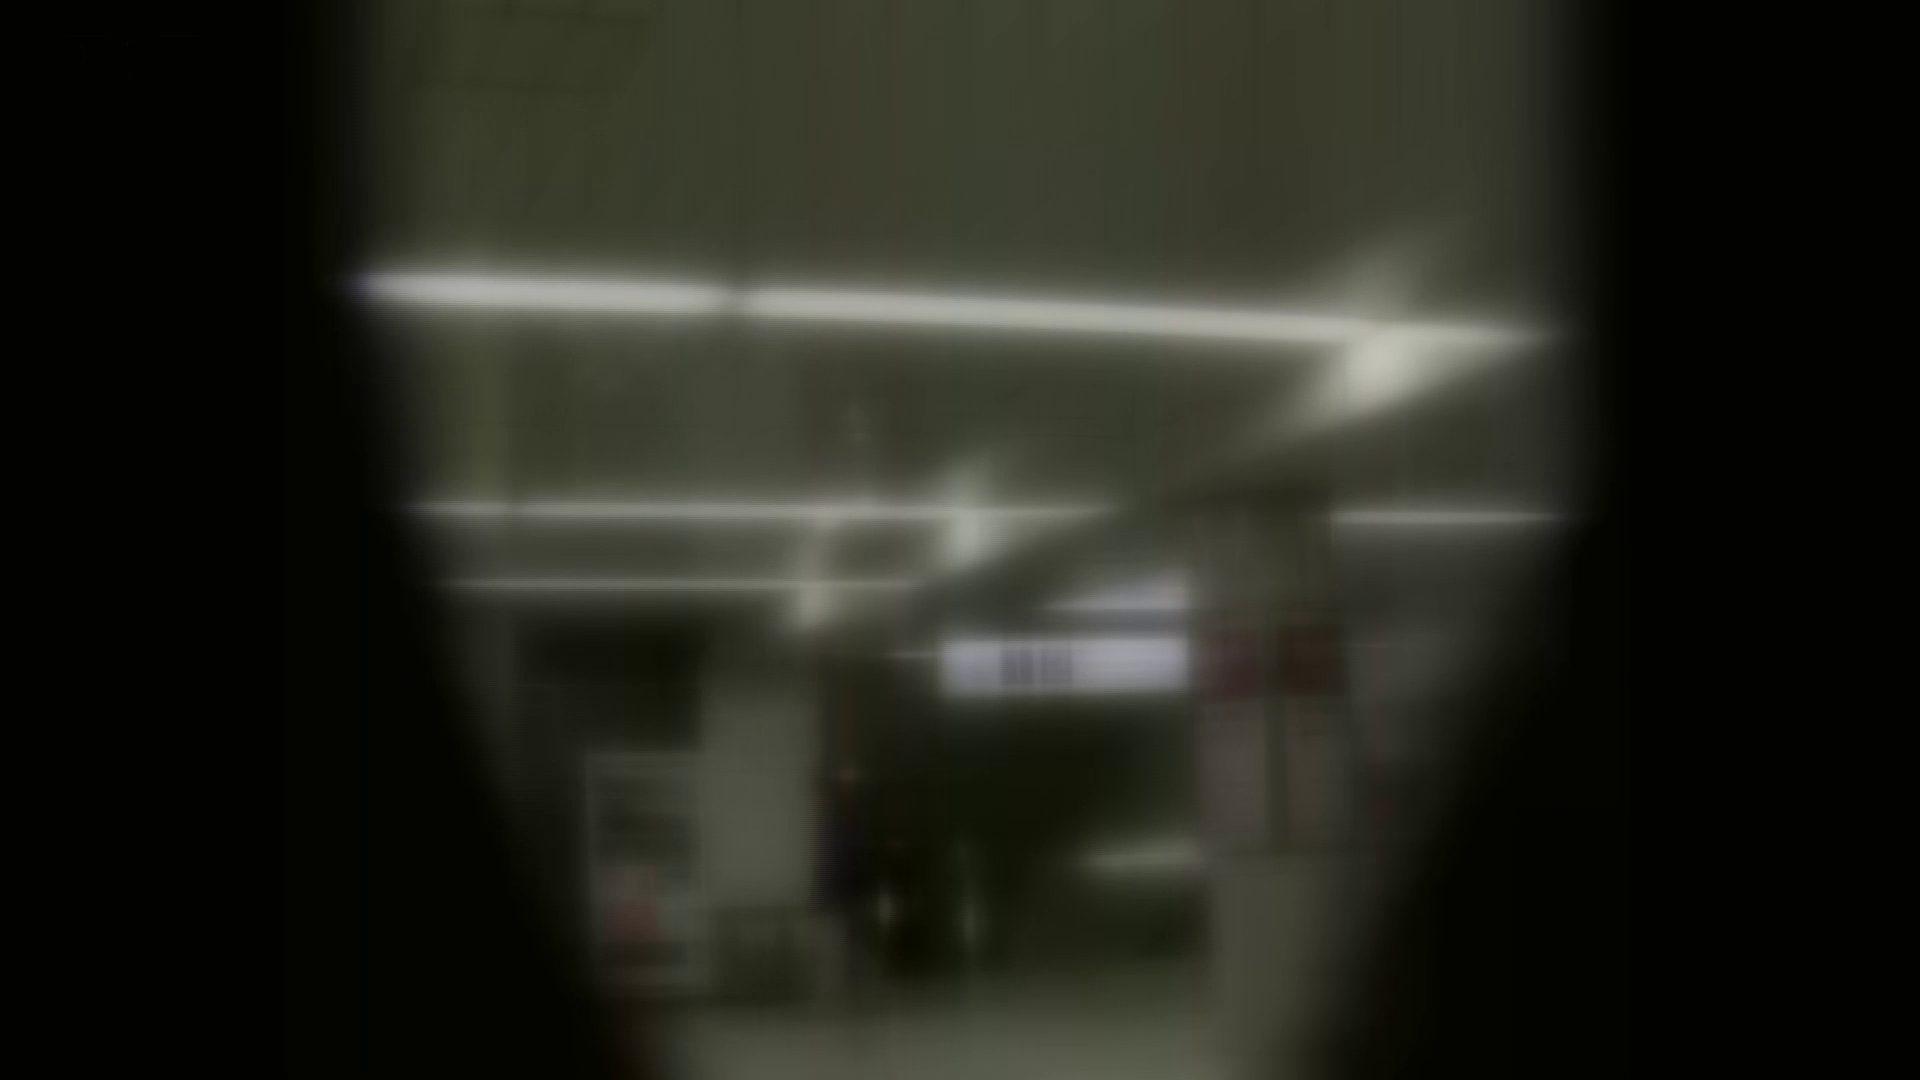 駅隣接デパート Vol.09 お久しぶりです。GIFTです。 ギャル盗撮映像 えろ無修正画像 59PIX 2